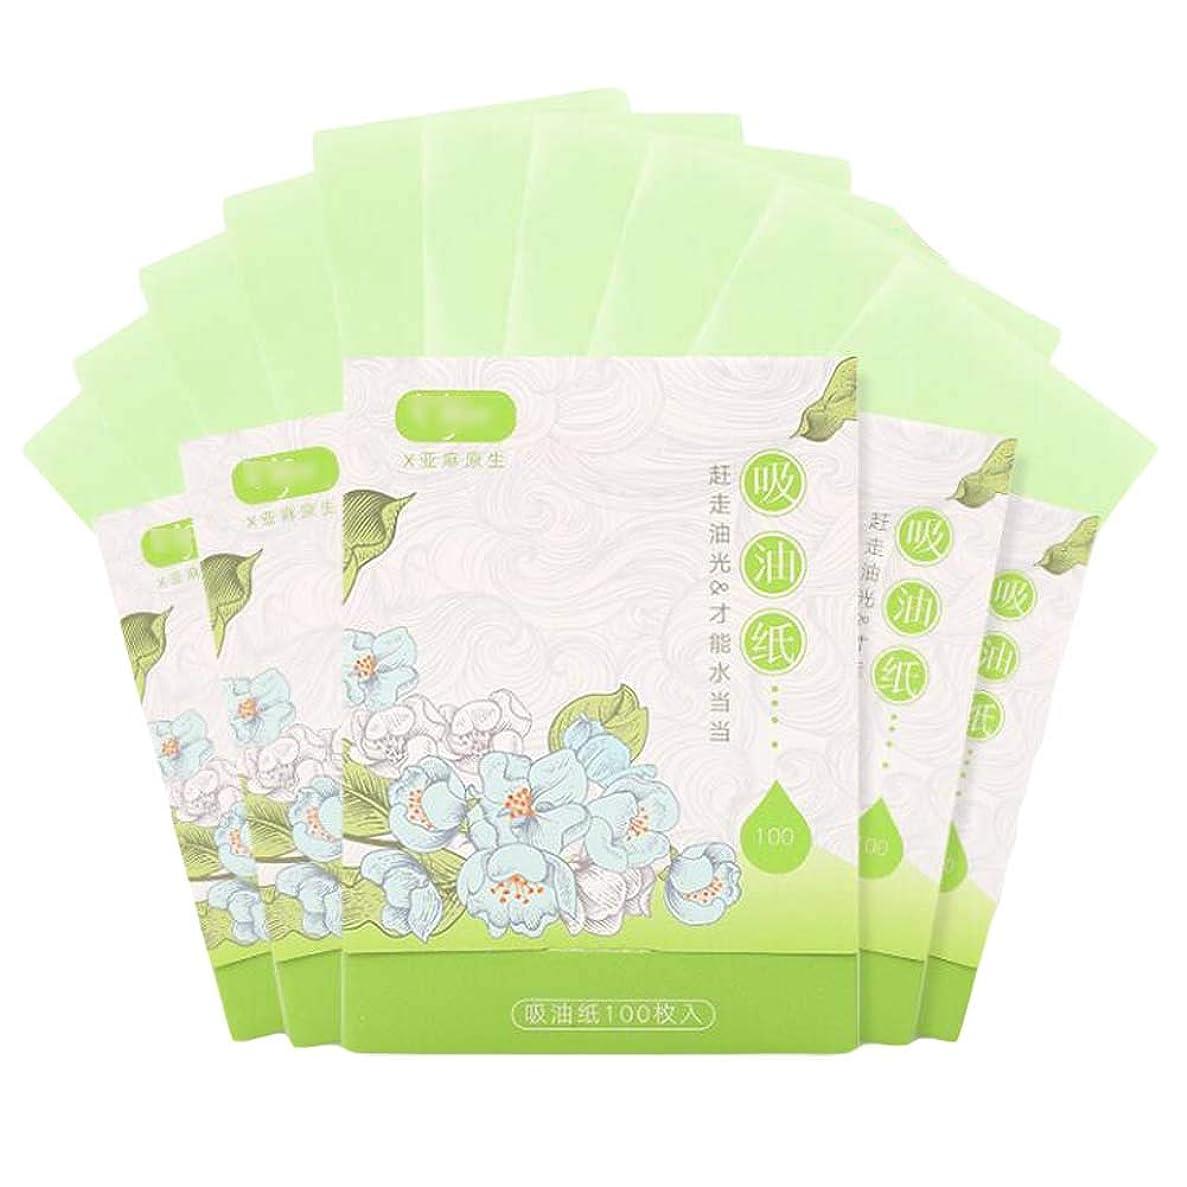 引き算葉っぱポルトガル語人および女性のための携帯用顔オイルブロッティング紙、緑500枚のシート